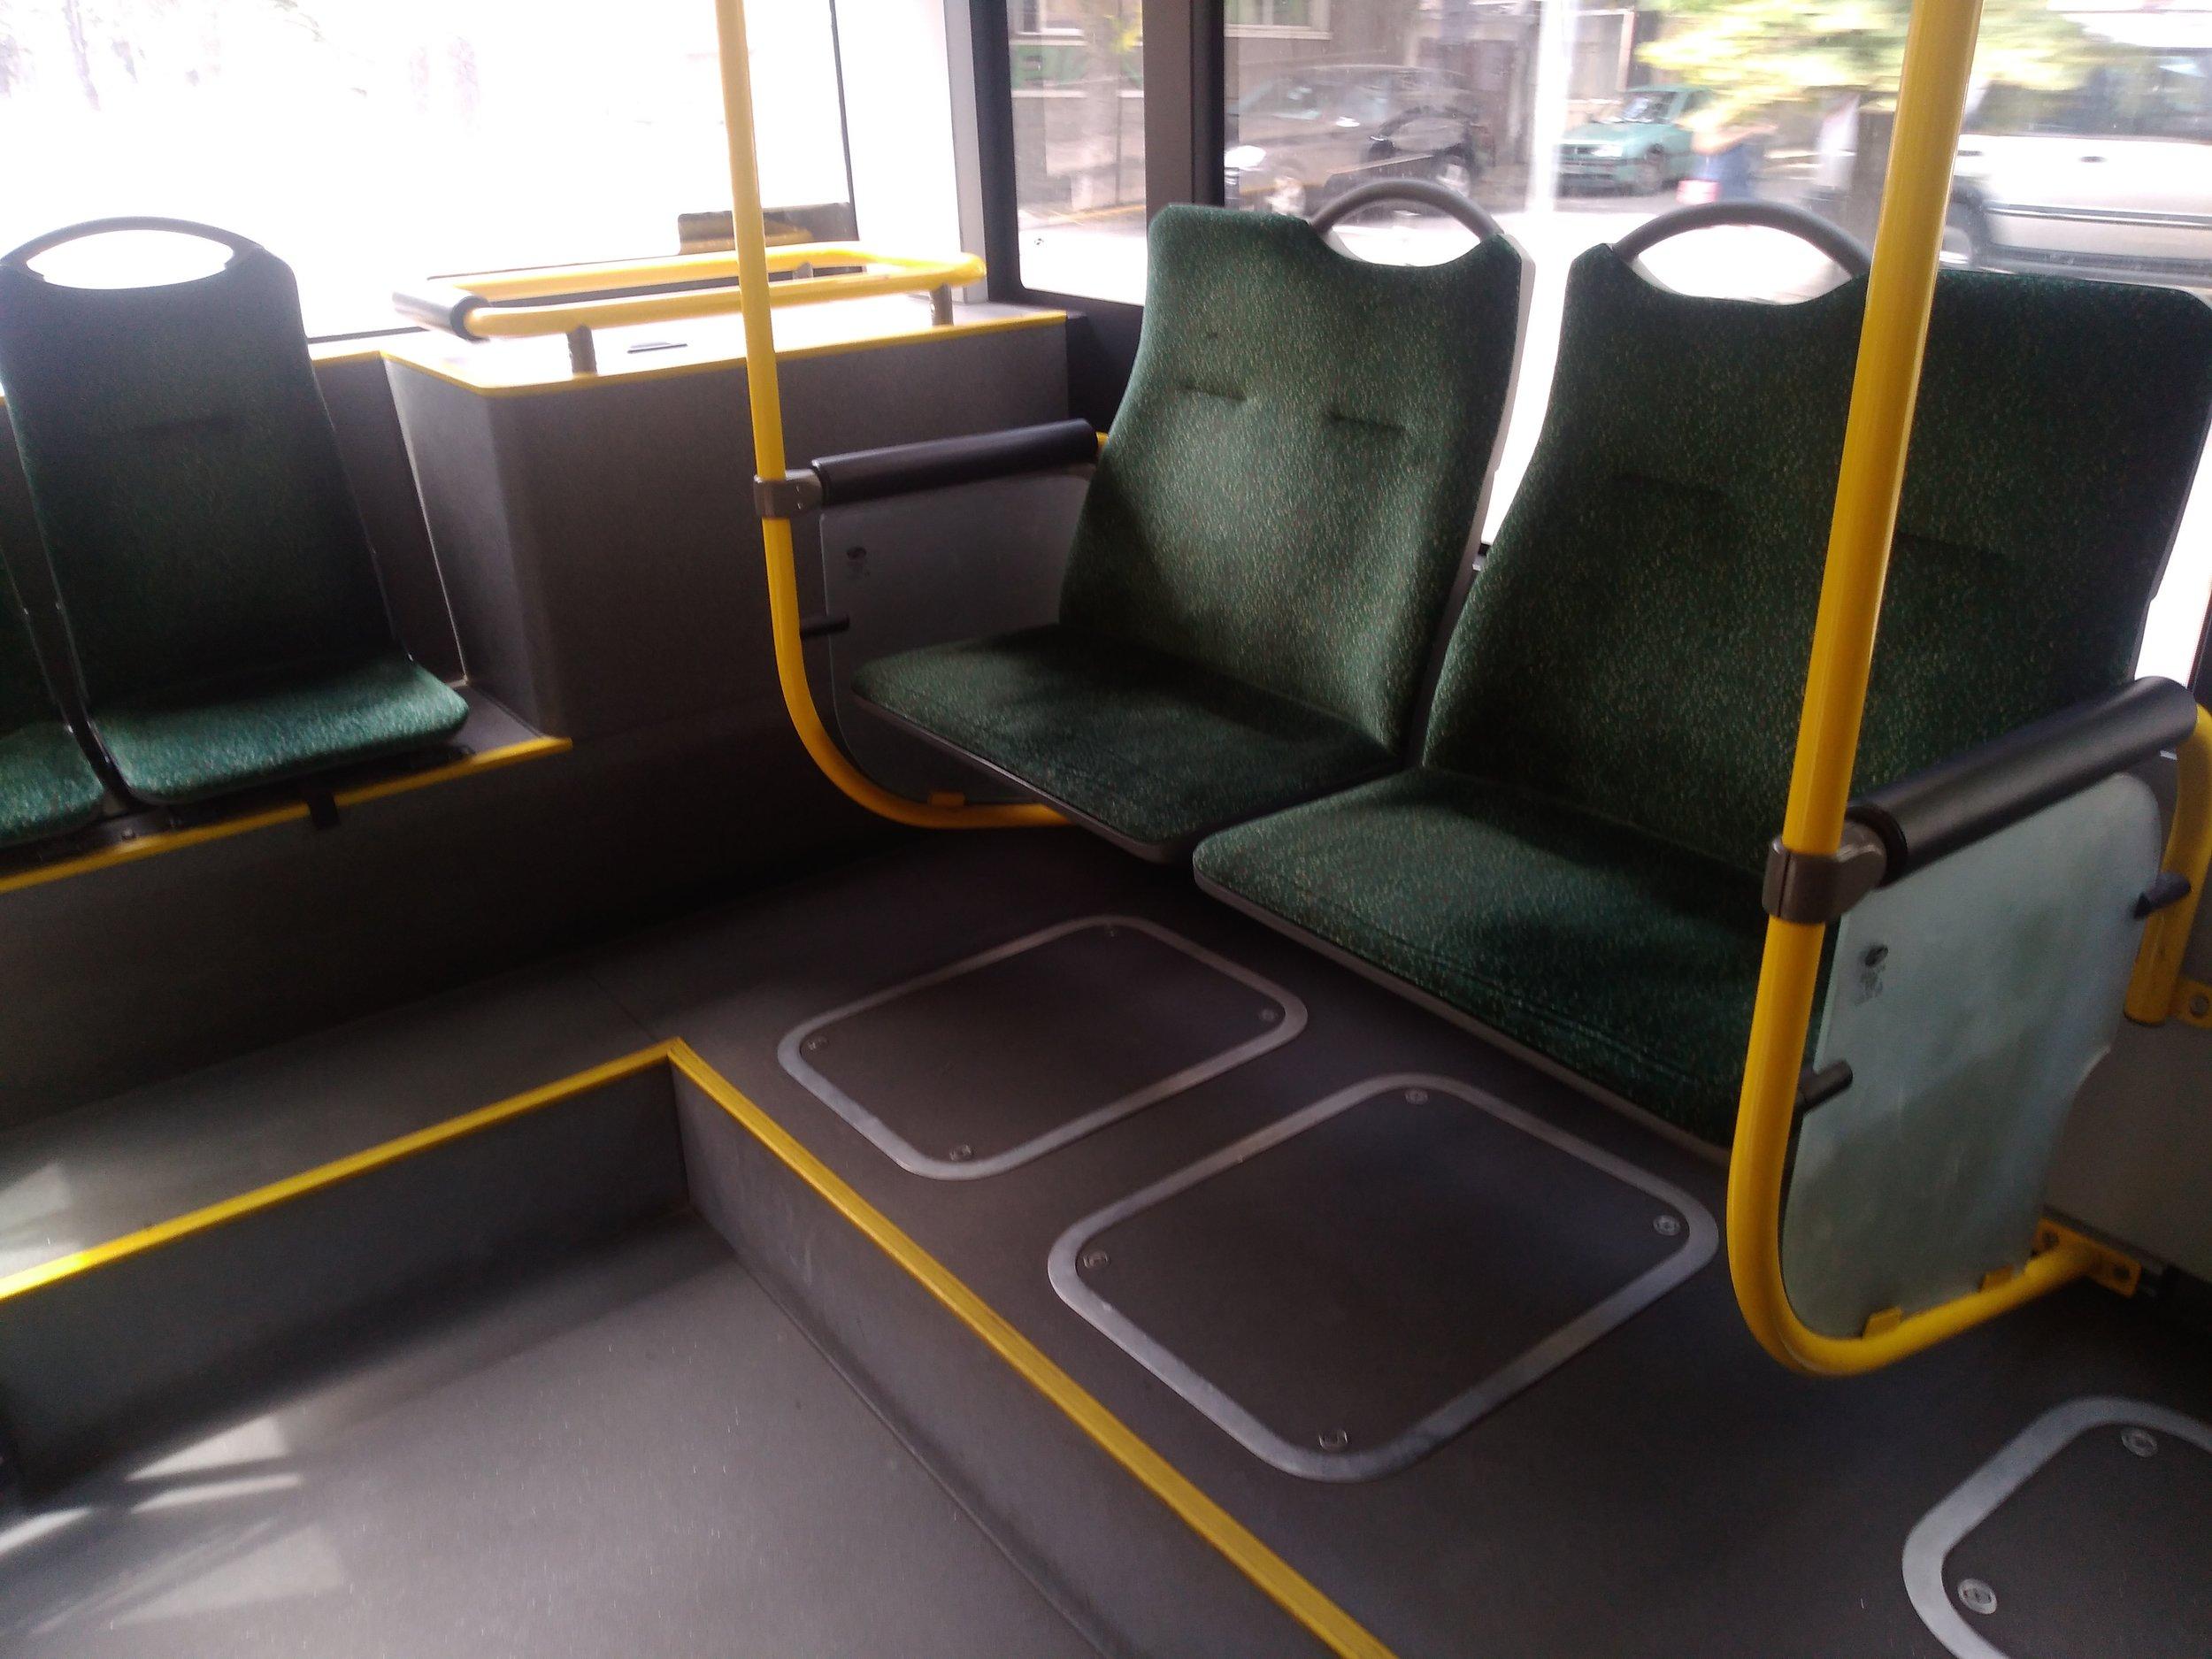 Netradiční uspořádání sedadel v zadní části salónu u 14ks série vozů Solaris Trollino 12 dodané v roce 2015.